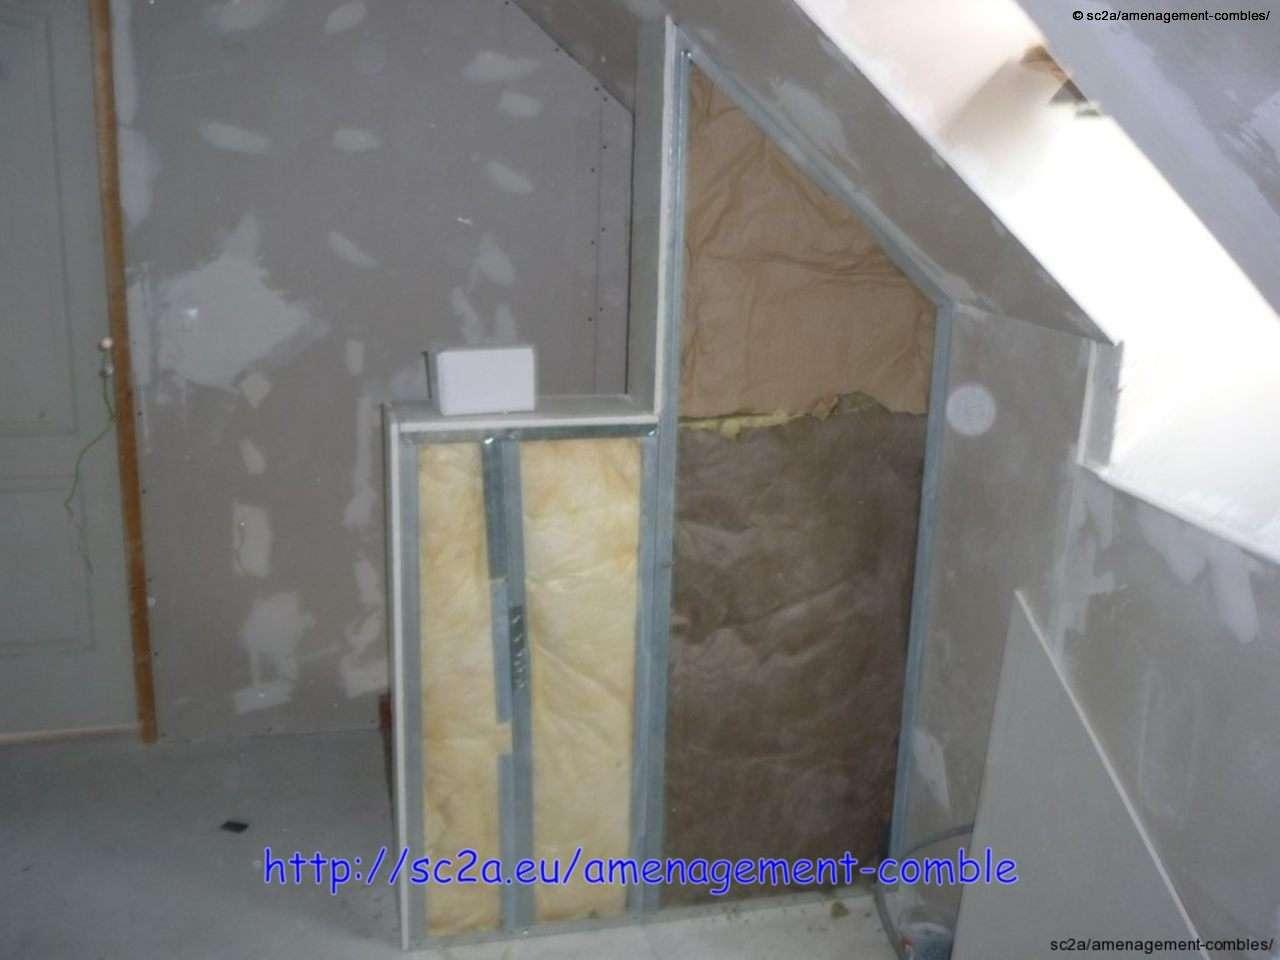 pose placoplatre mont e escaliers am nagement des combles. Black Bedroom Furniture Sets. Home Design Ideas